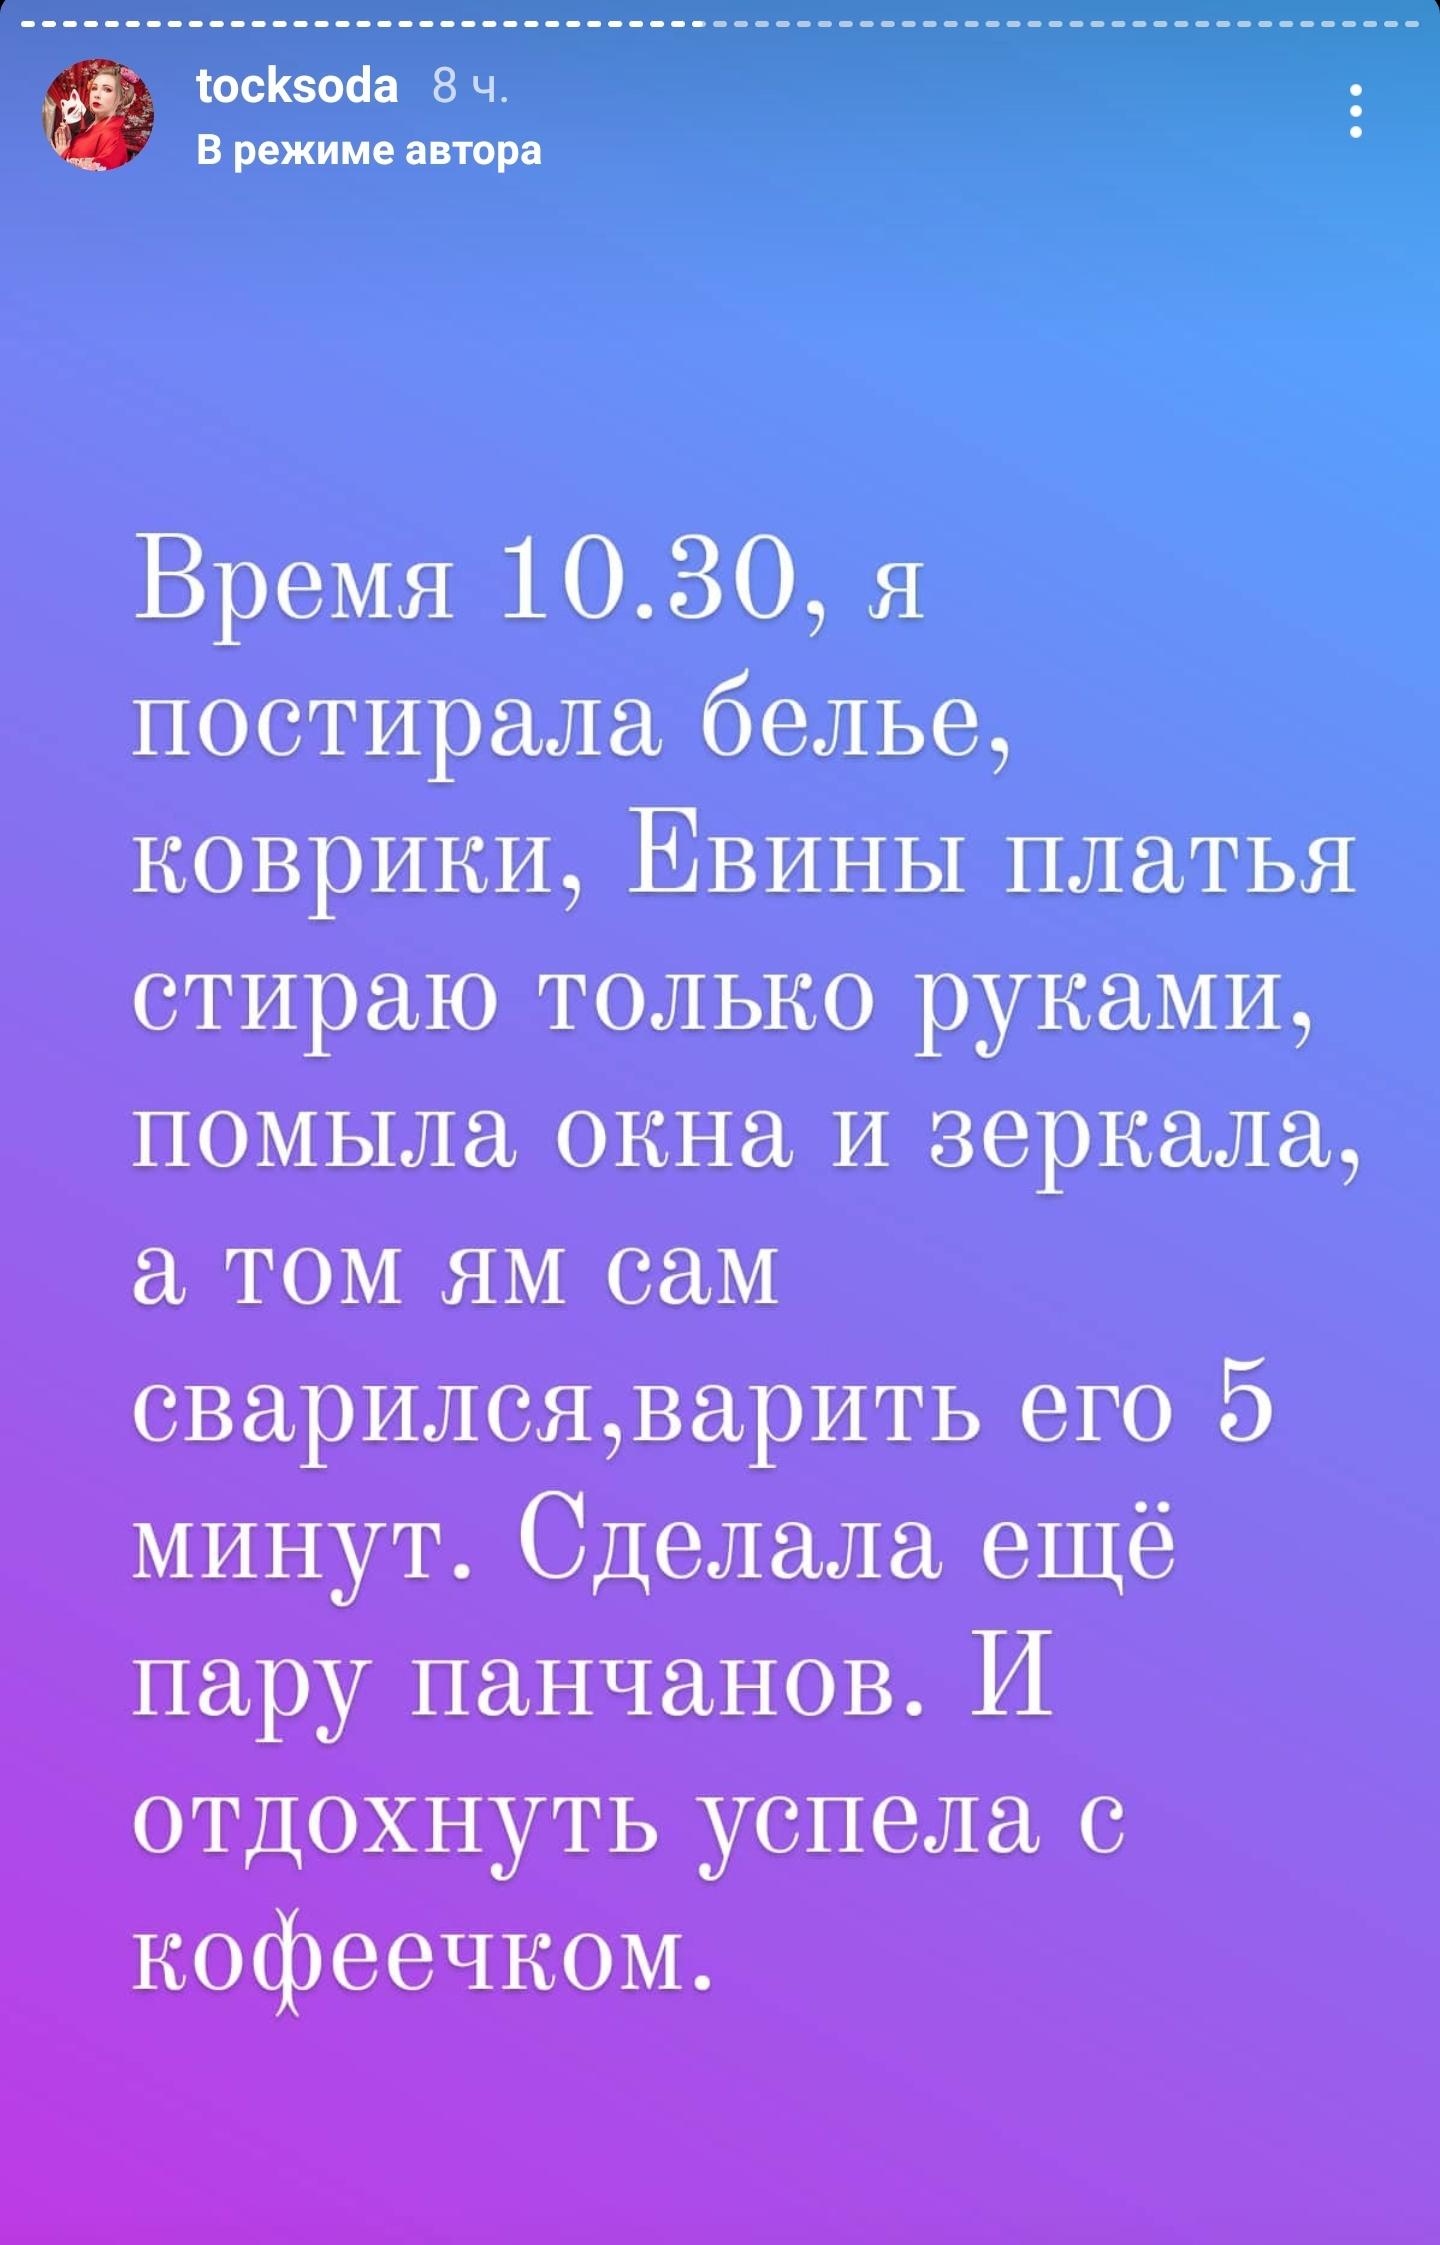 Screenshot_20210408-114231__01.jpg